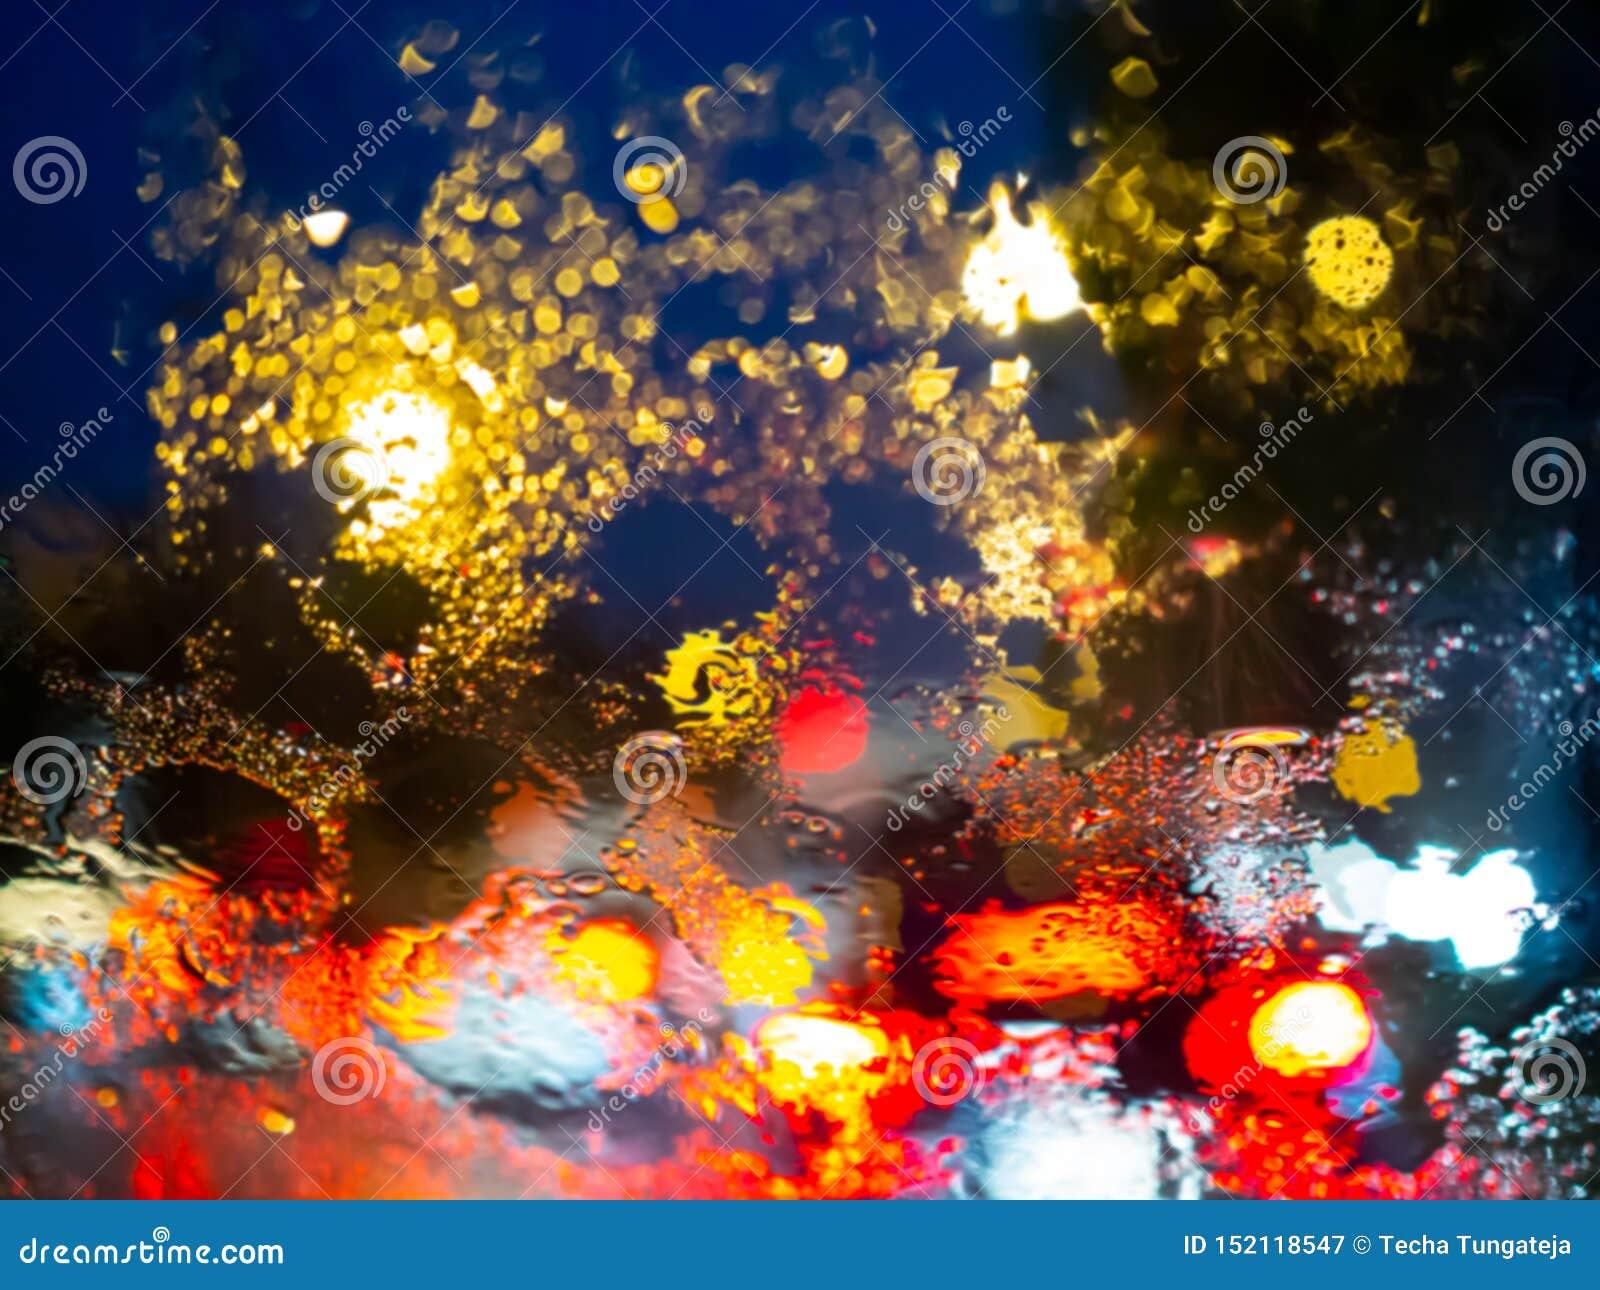 La lluvia borrosa cae en la ventanilla del coche con el bokeh de la luz del camino en fondo del extracto de la estación de lluvia